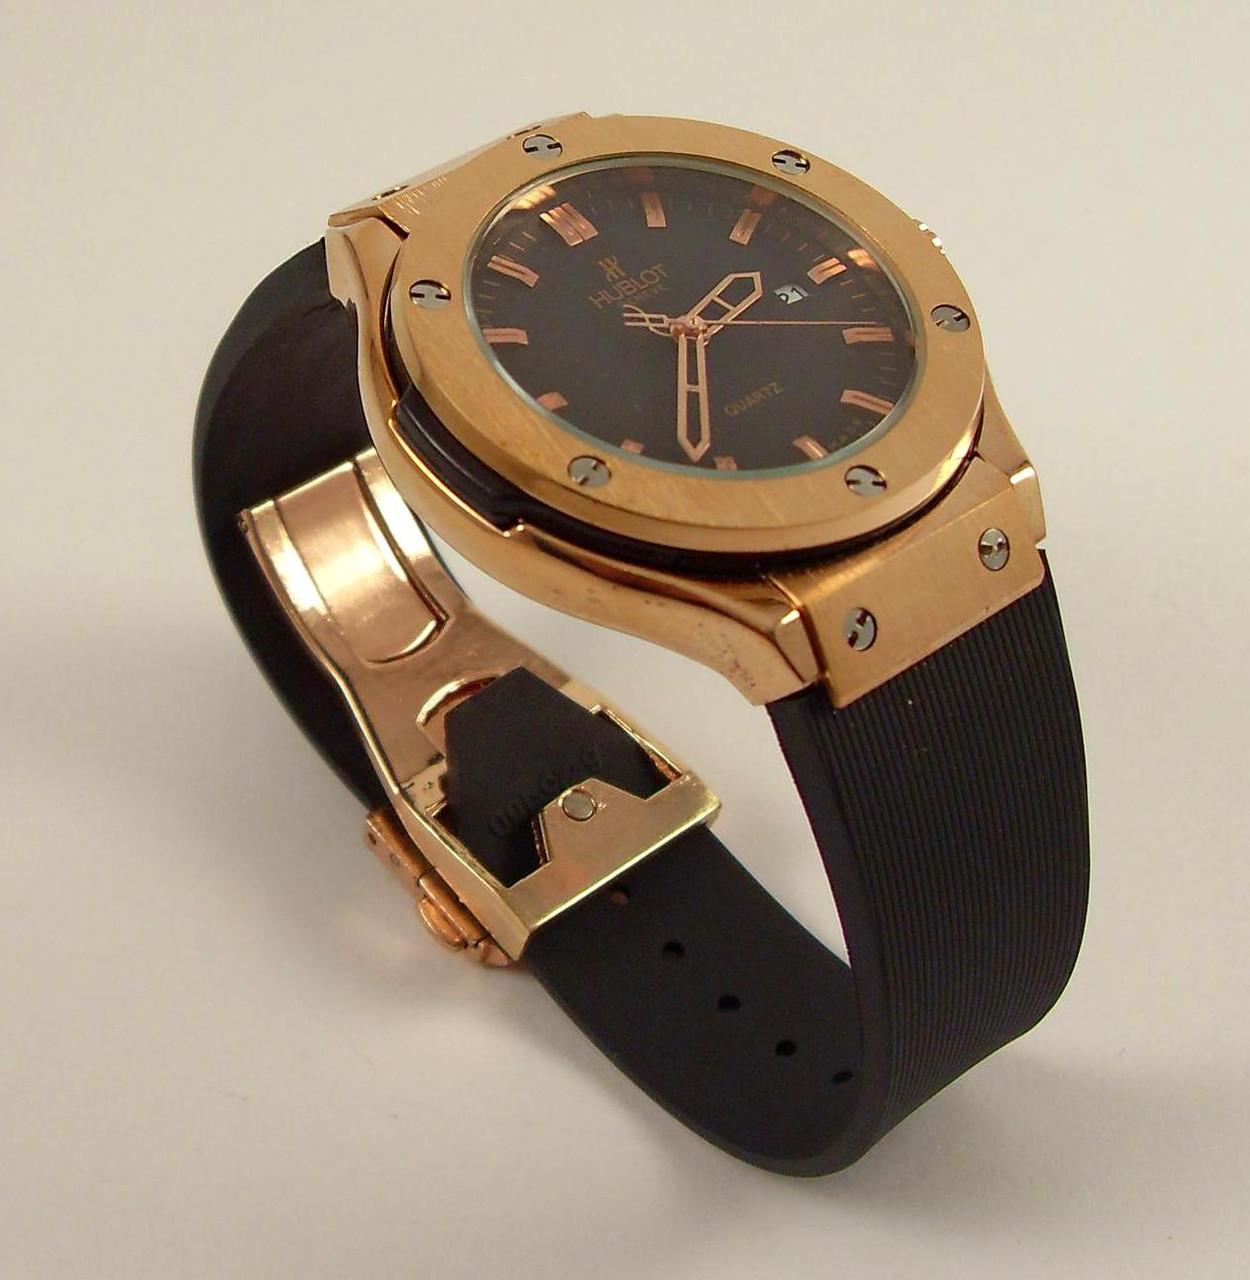 hublot часы официальный сайт цены оригинал мужские мужчин